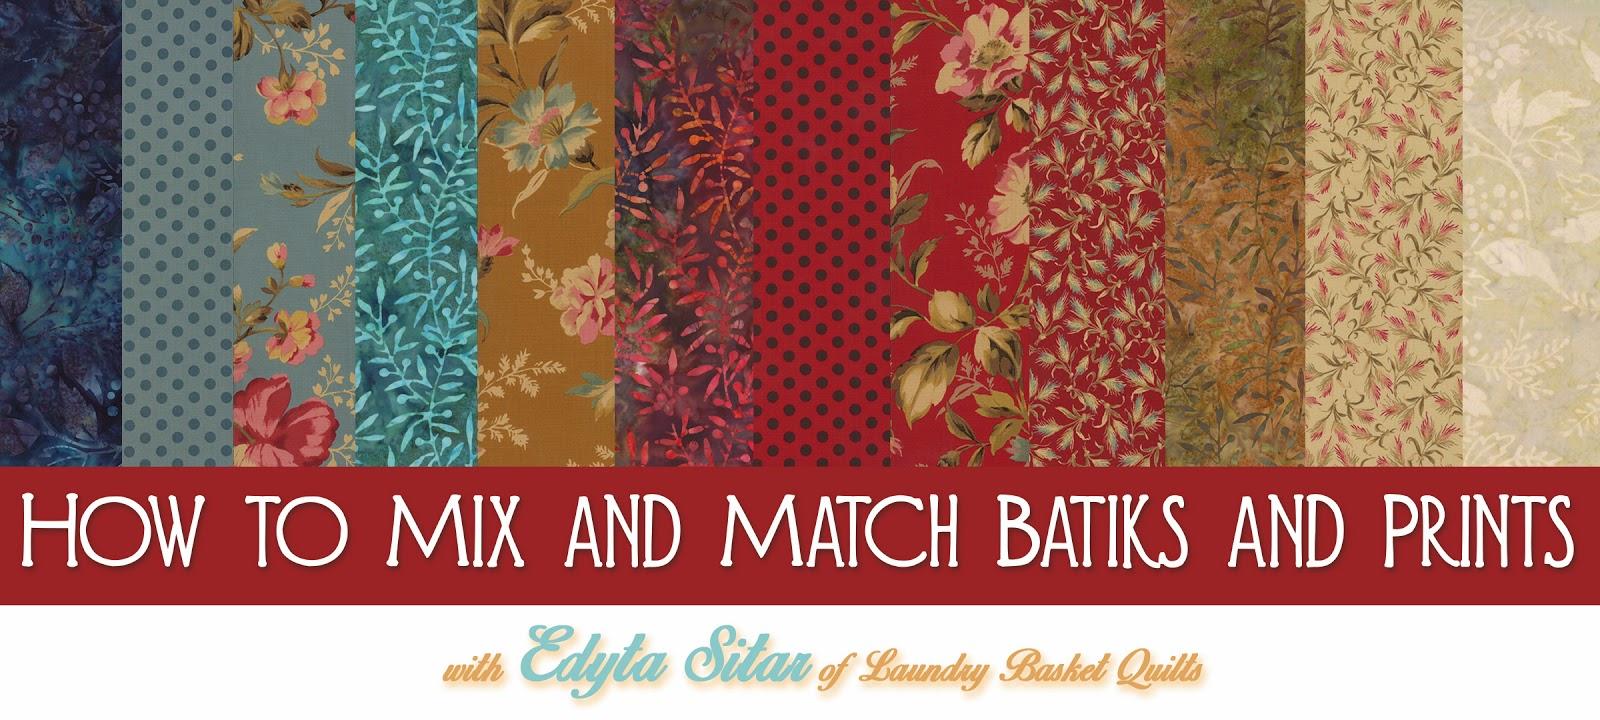 http://4.bp.blogspot.com/-XgcnlVfkw0U/U9a1DyANoXI/AAAAAAAAYWk/9bYT7wDiyaQ/s1600/edyta+batiks+and+prints.jpg